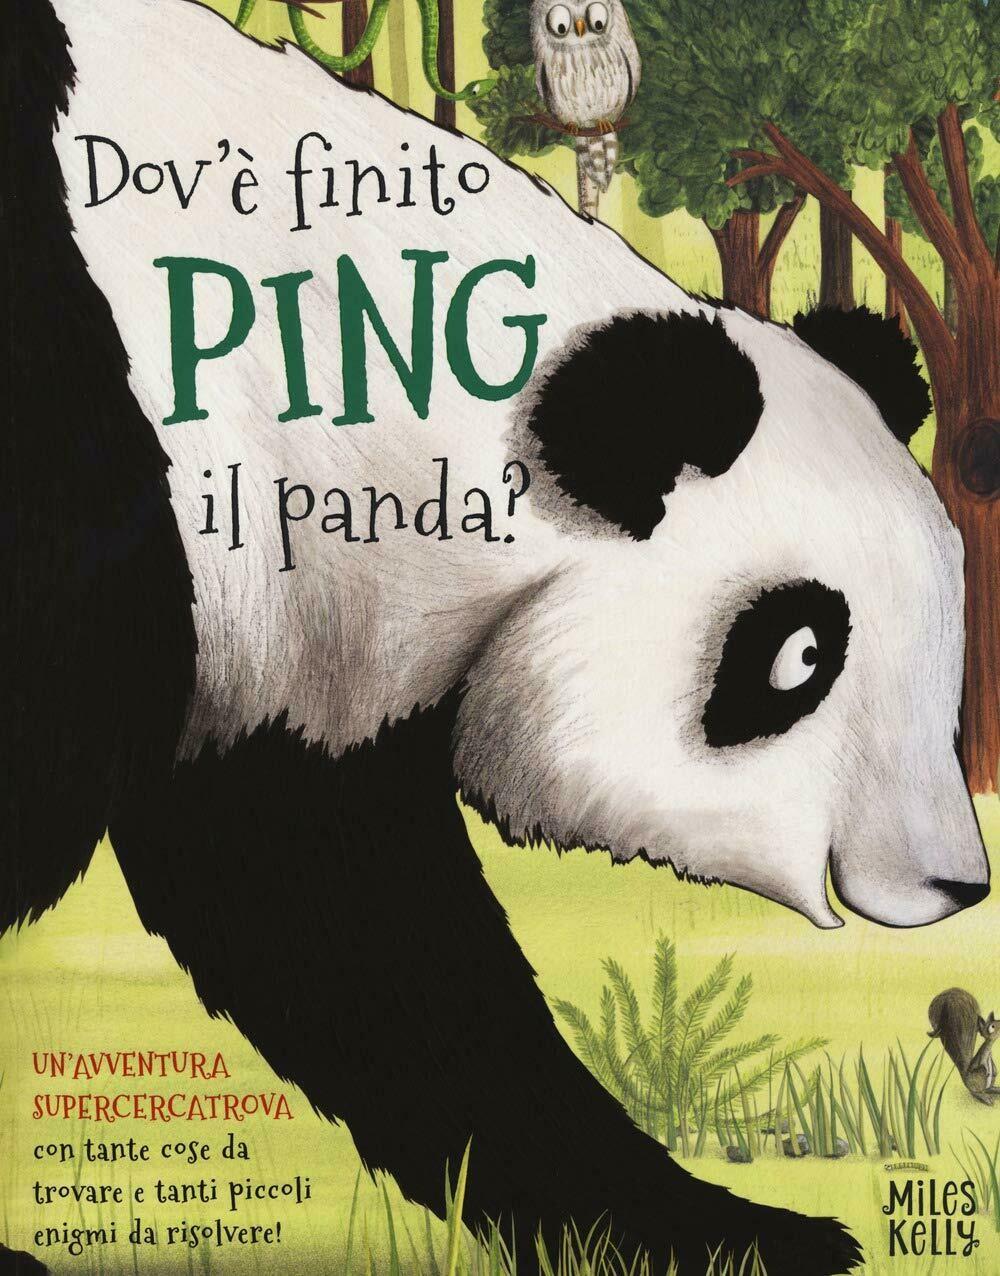 Dov'è finito Ping il panda?